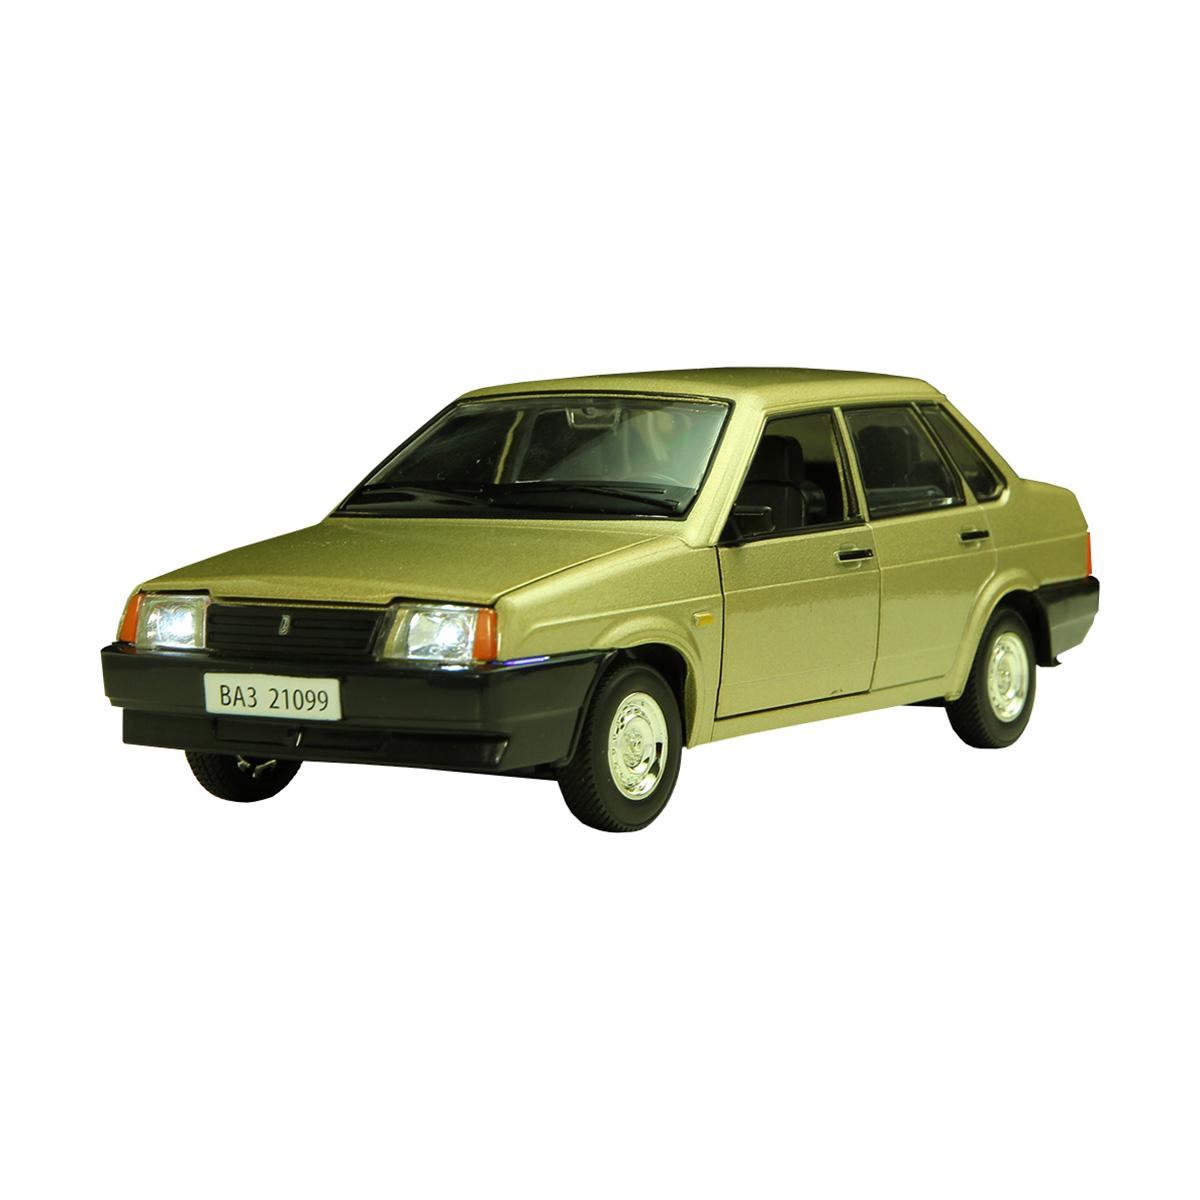 Металлическая машинка «Автопанорама» — ВАЗ 21099 (свет, звук), 1:22